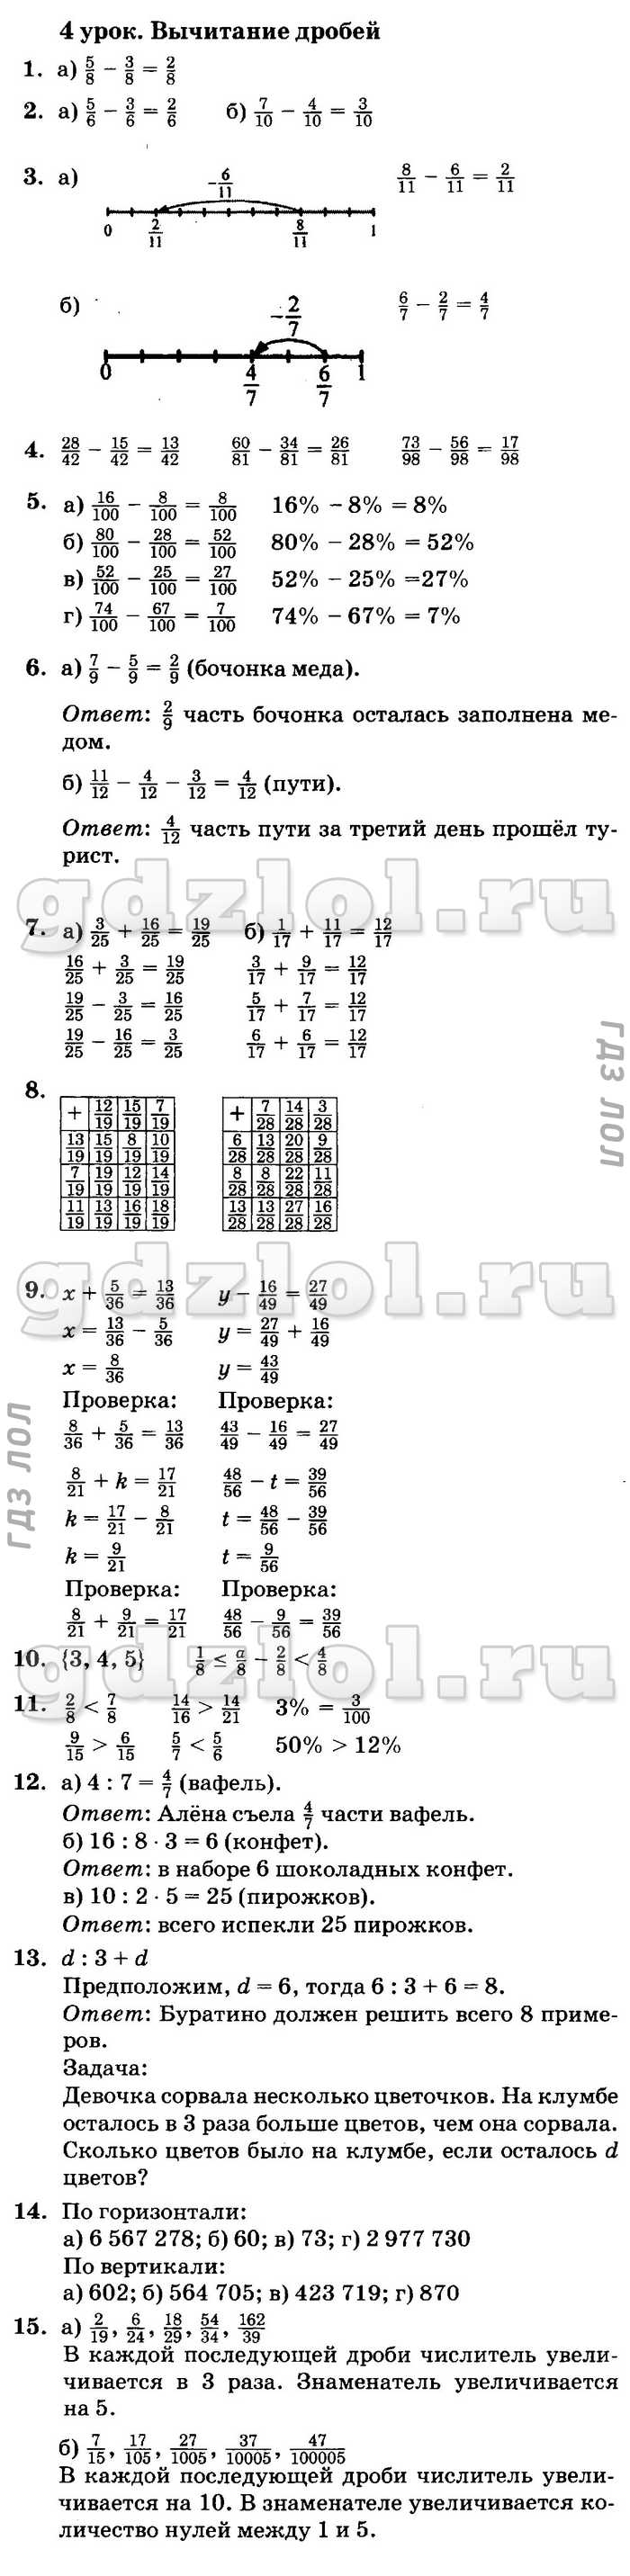 контрольная работа по математике 4 класс петерсон ответы